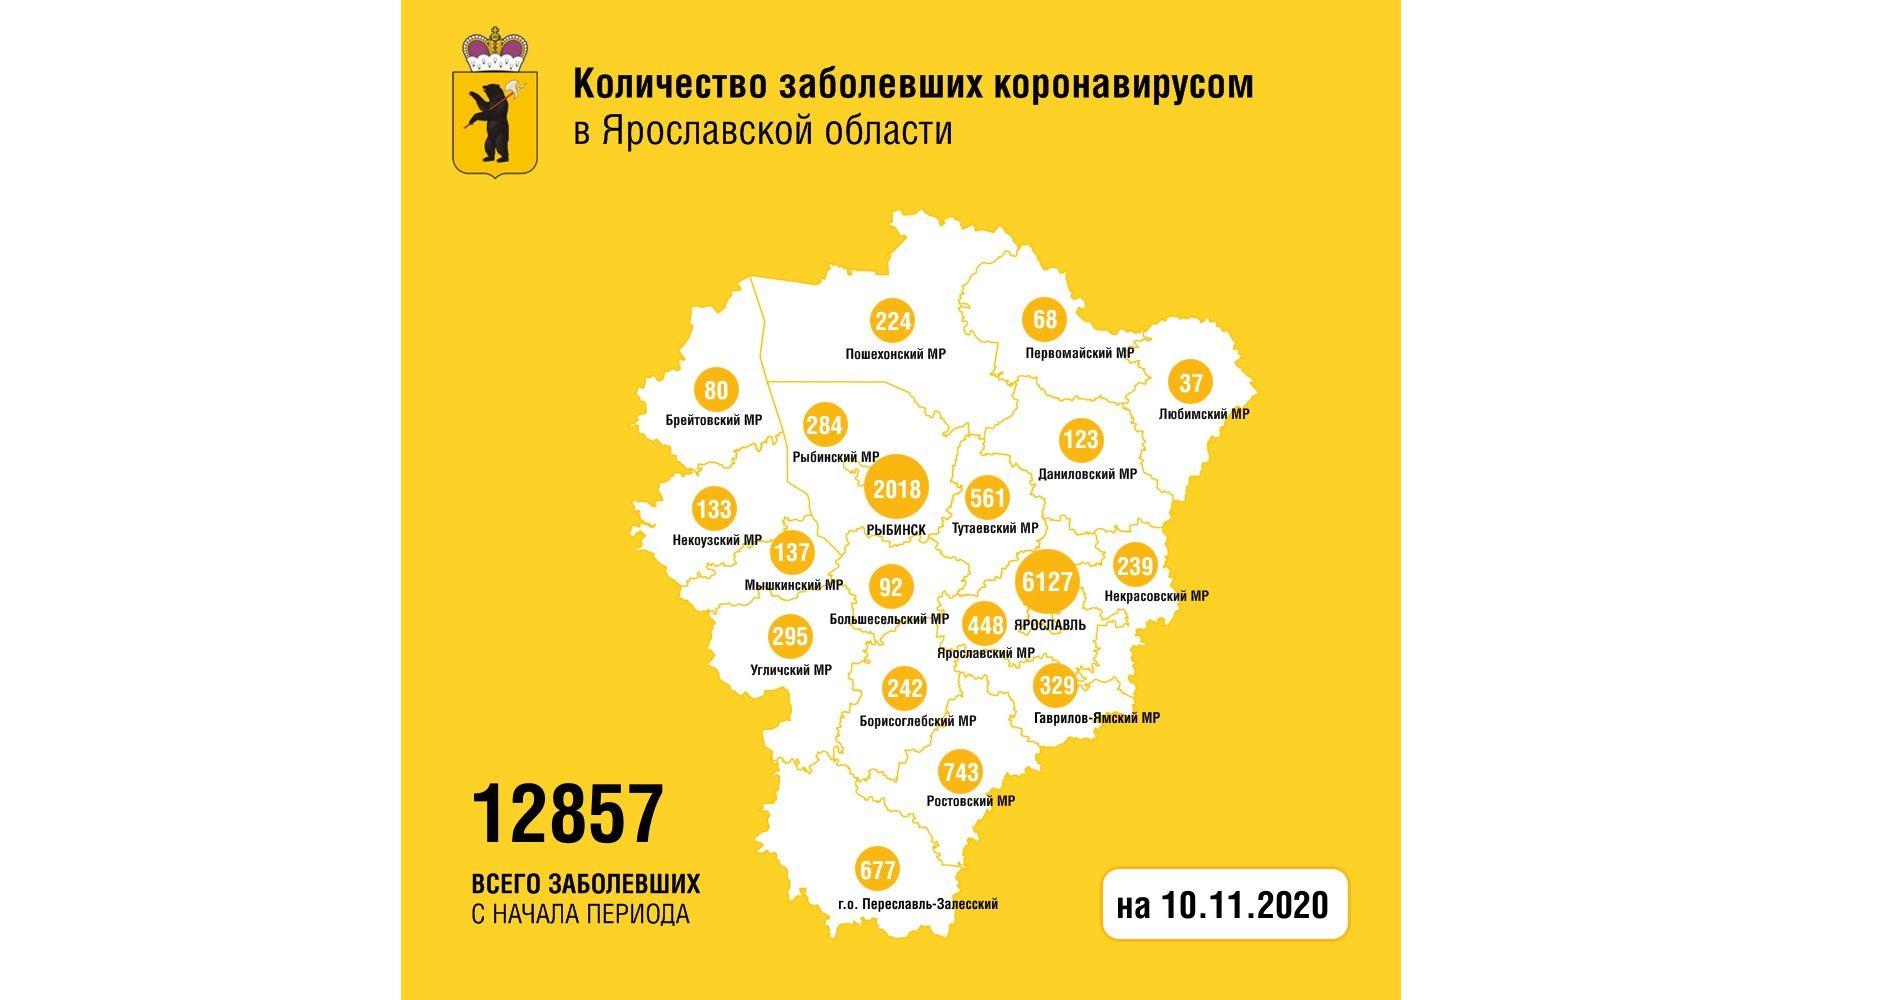 В Ярославской области вылечили от коронавируса еще 168 человек